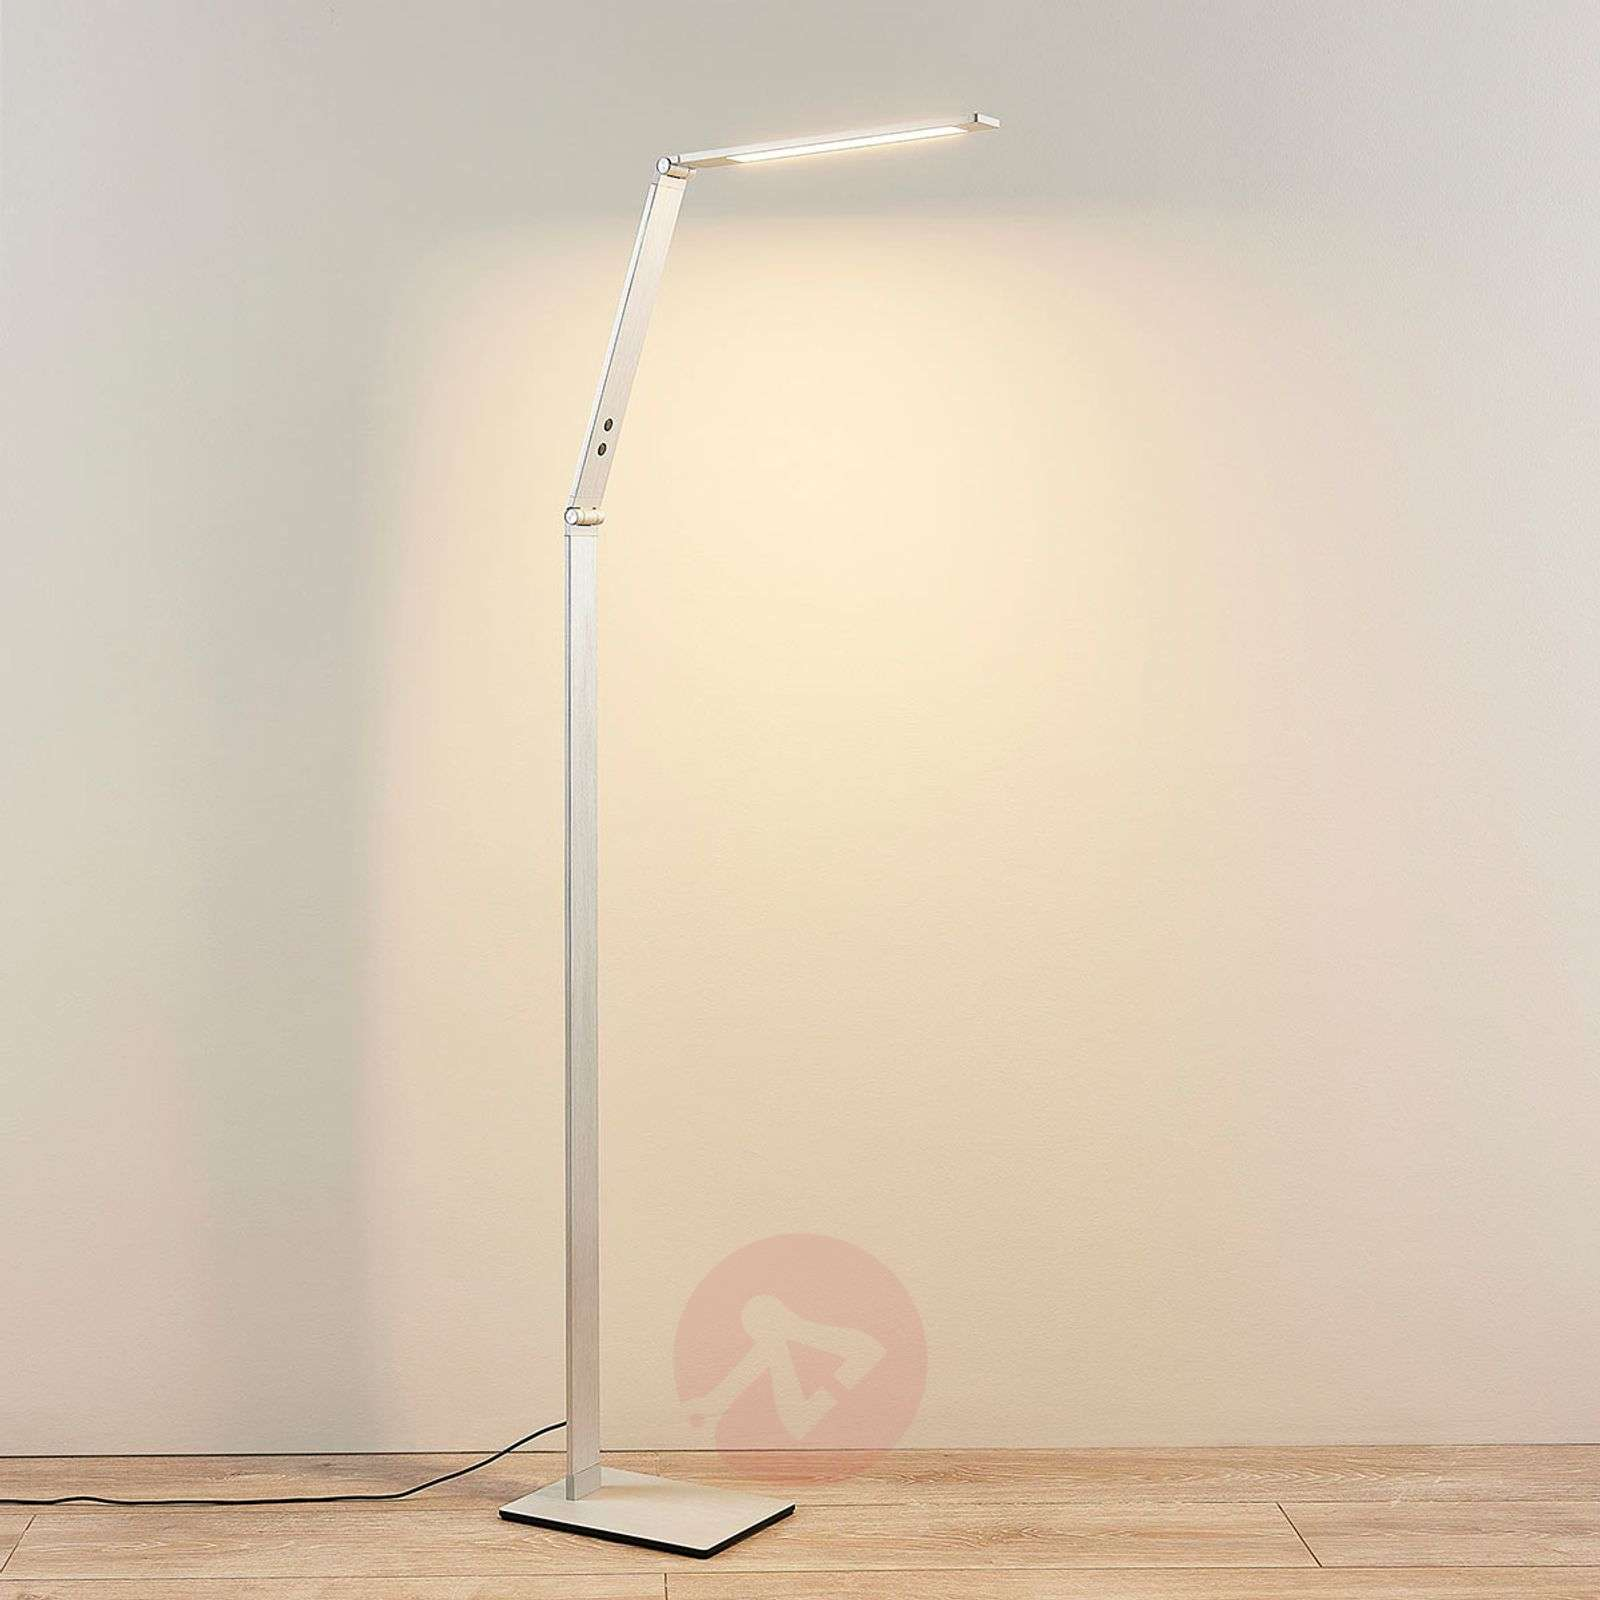 Siro LED-lukuvalaisin Nicano, säädettävä valoväri-9621660-04